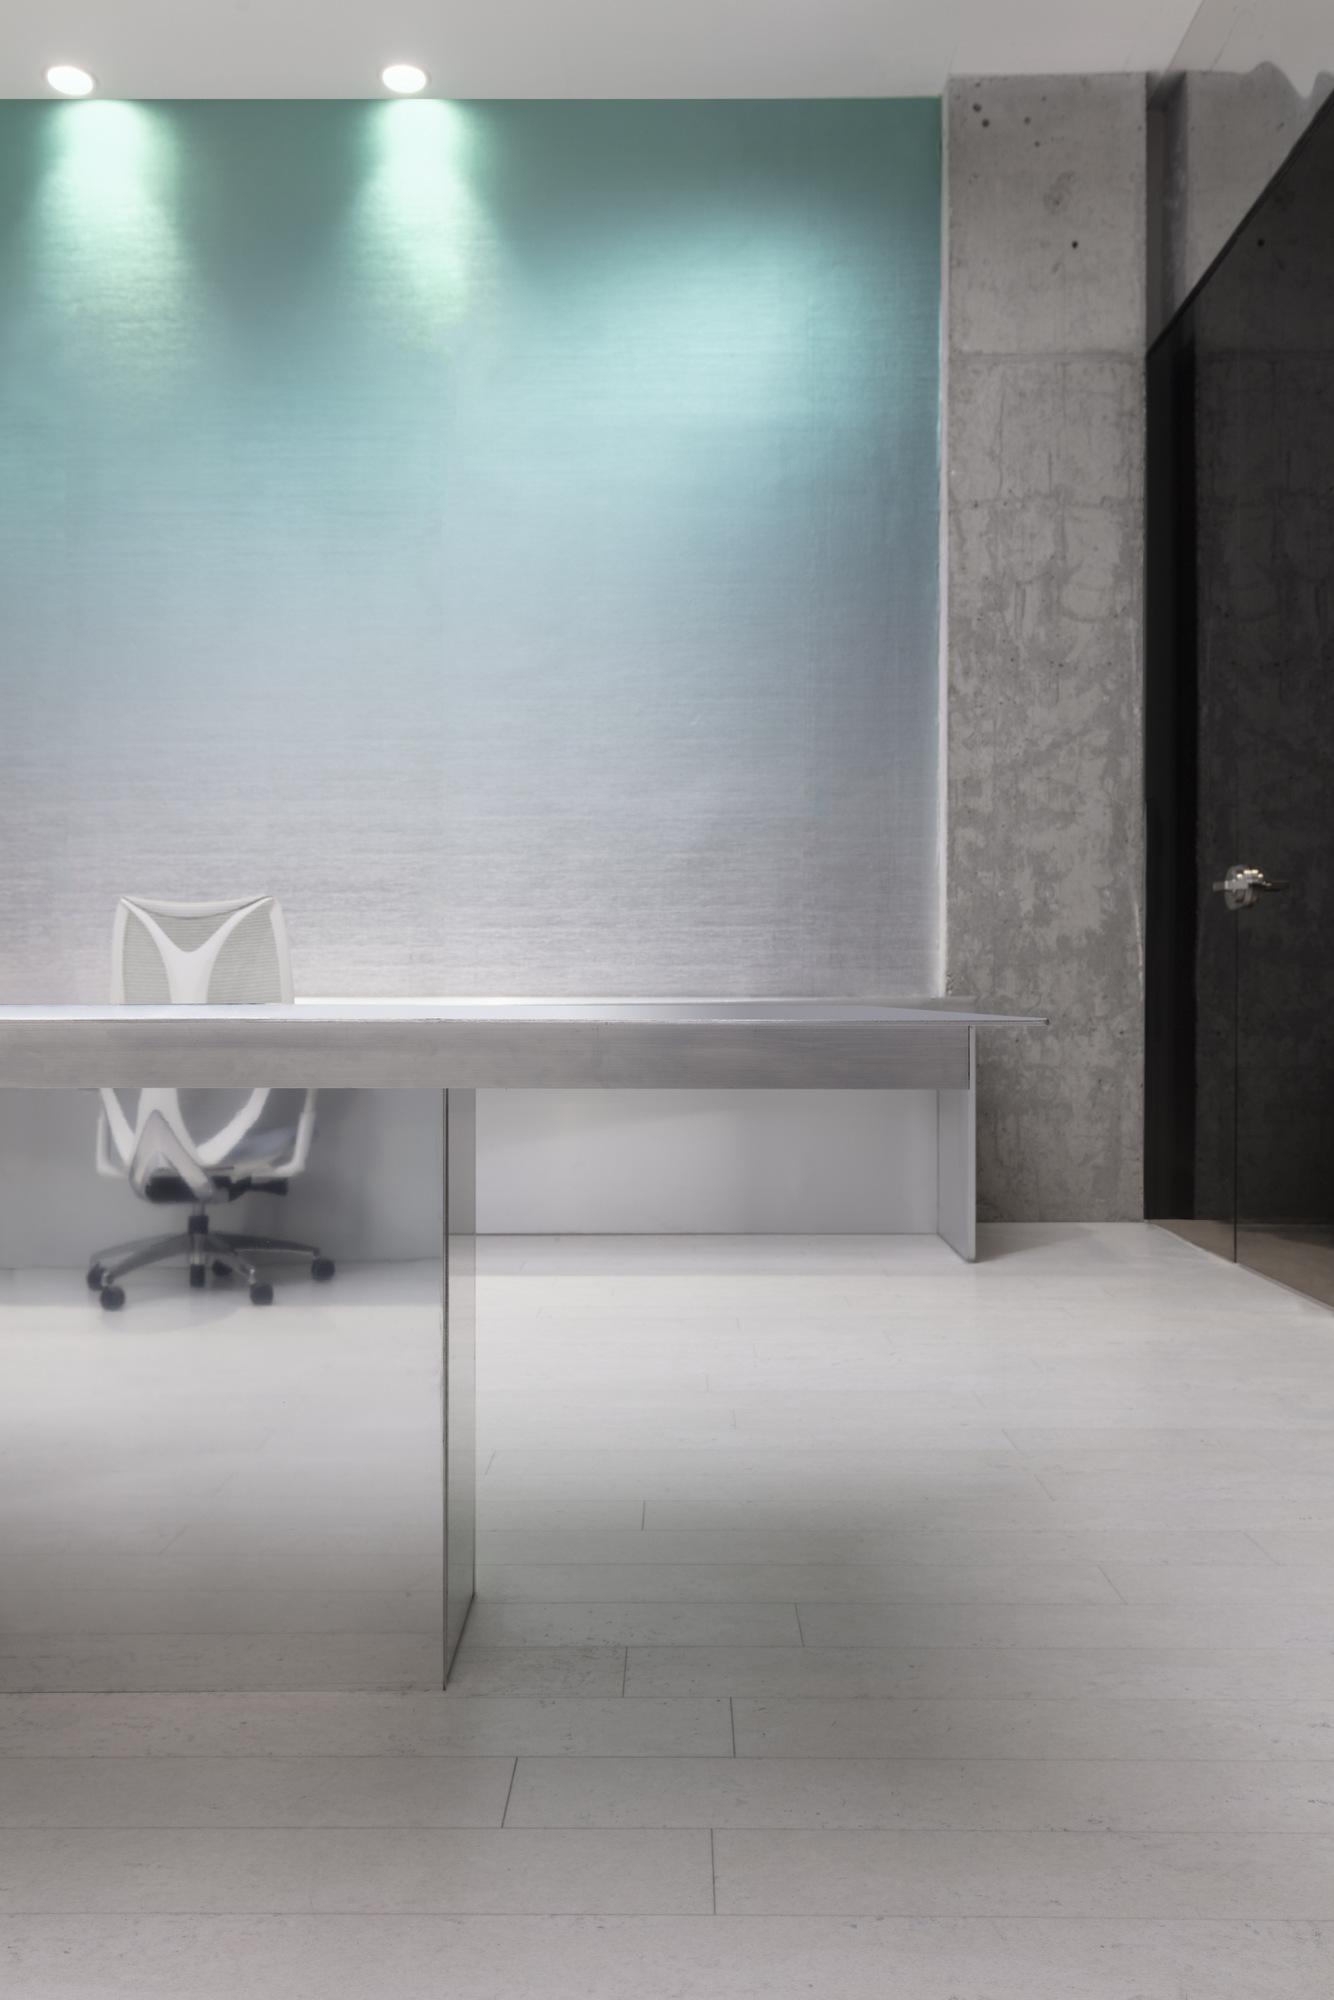 简约办公室装修 - 8.jpg